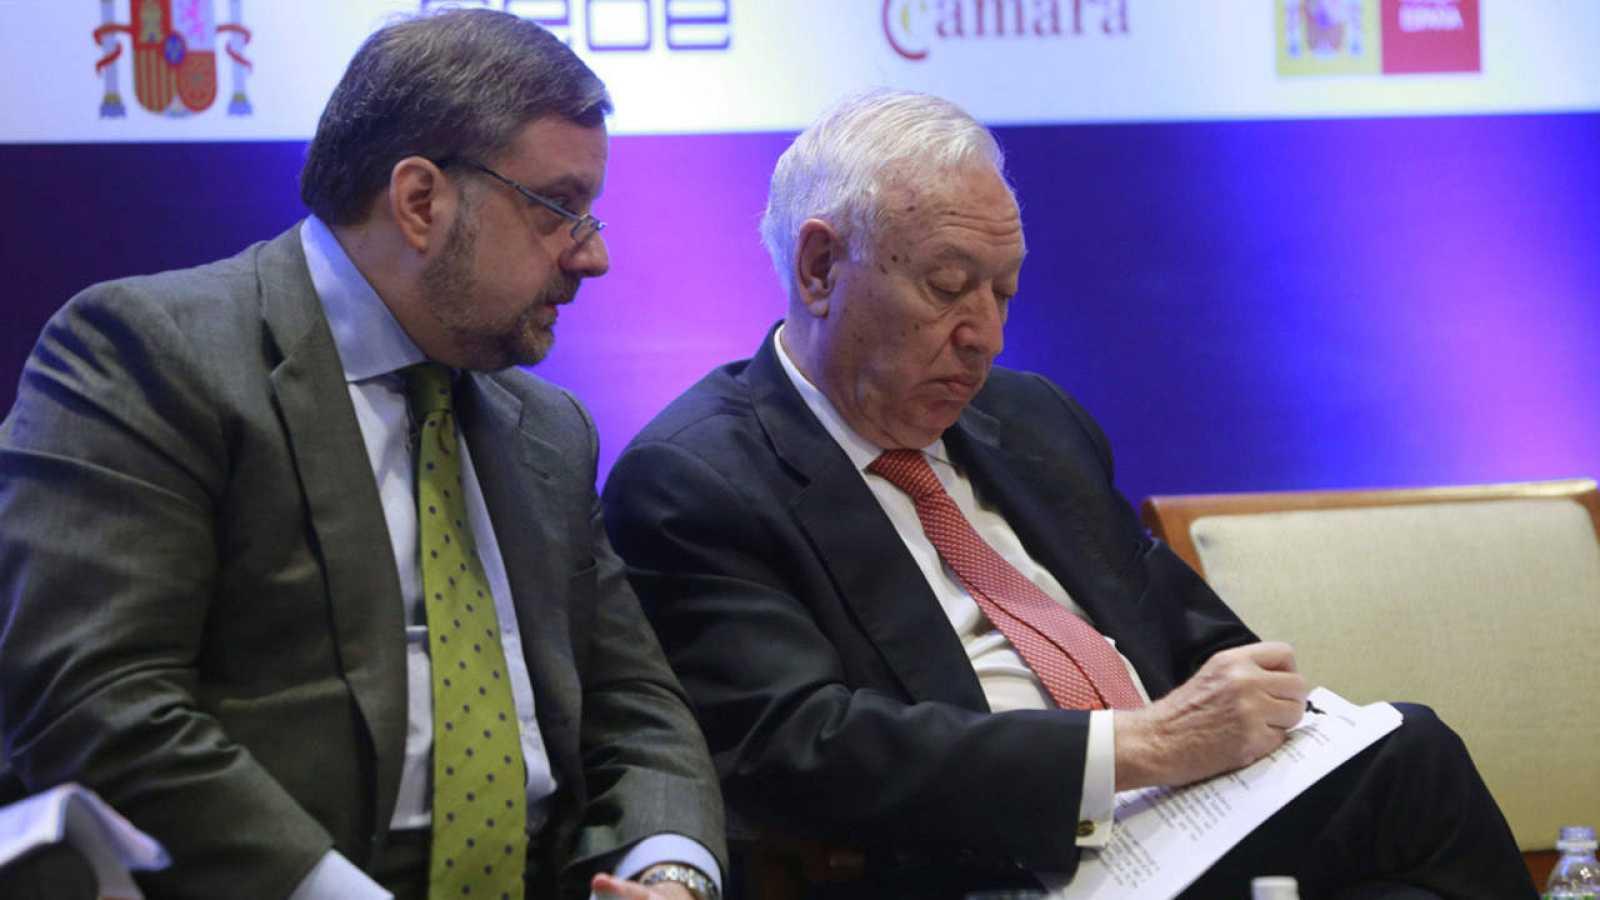 El embajador en India, Gustavo de Arístegui, con el ministro de Exteriores, José Manuel García-Margallo